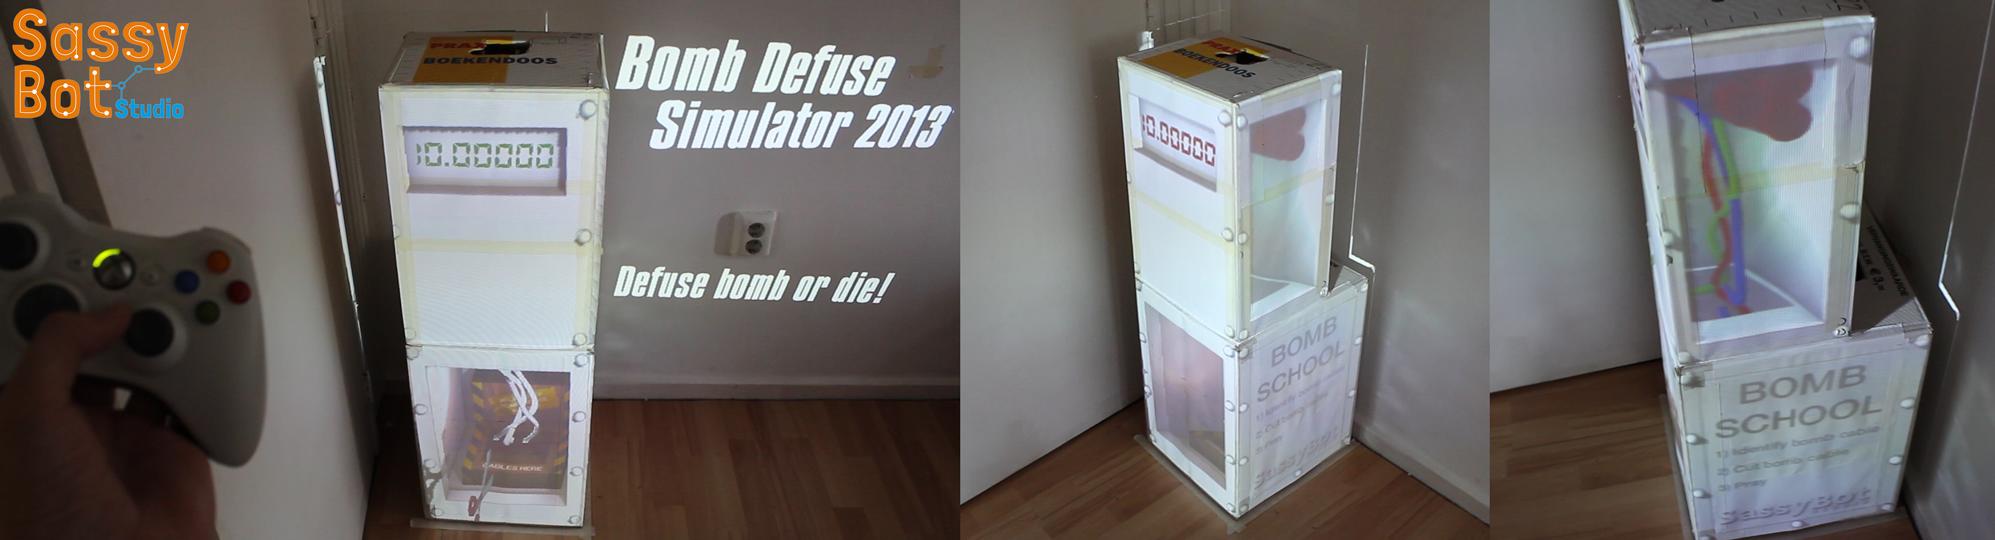 Bomb Defuse Simulator Cover